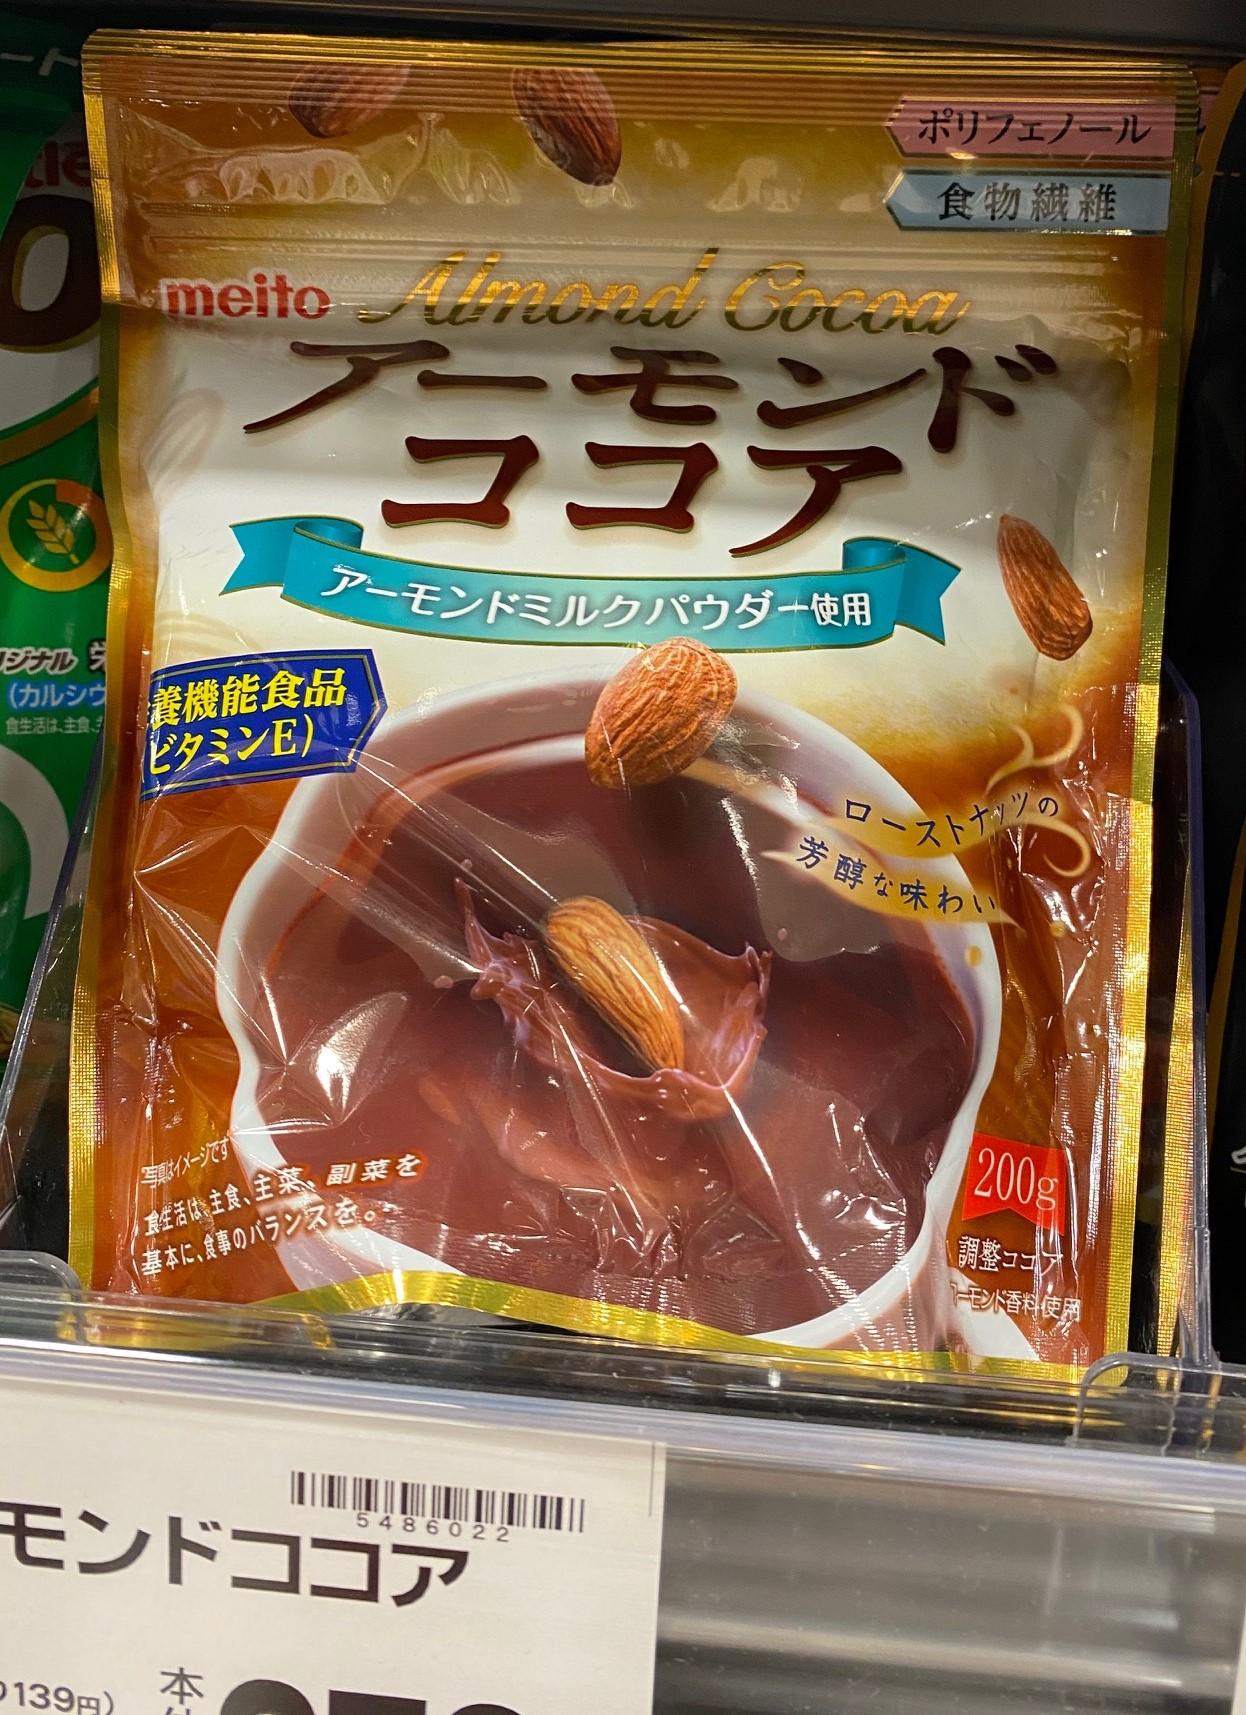 Meito Almond Cocoa